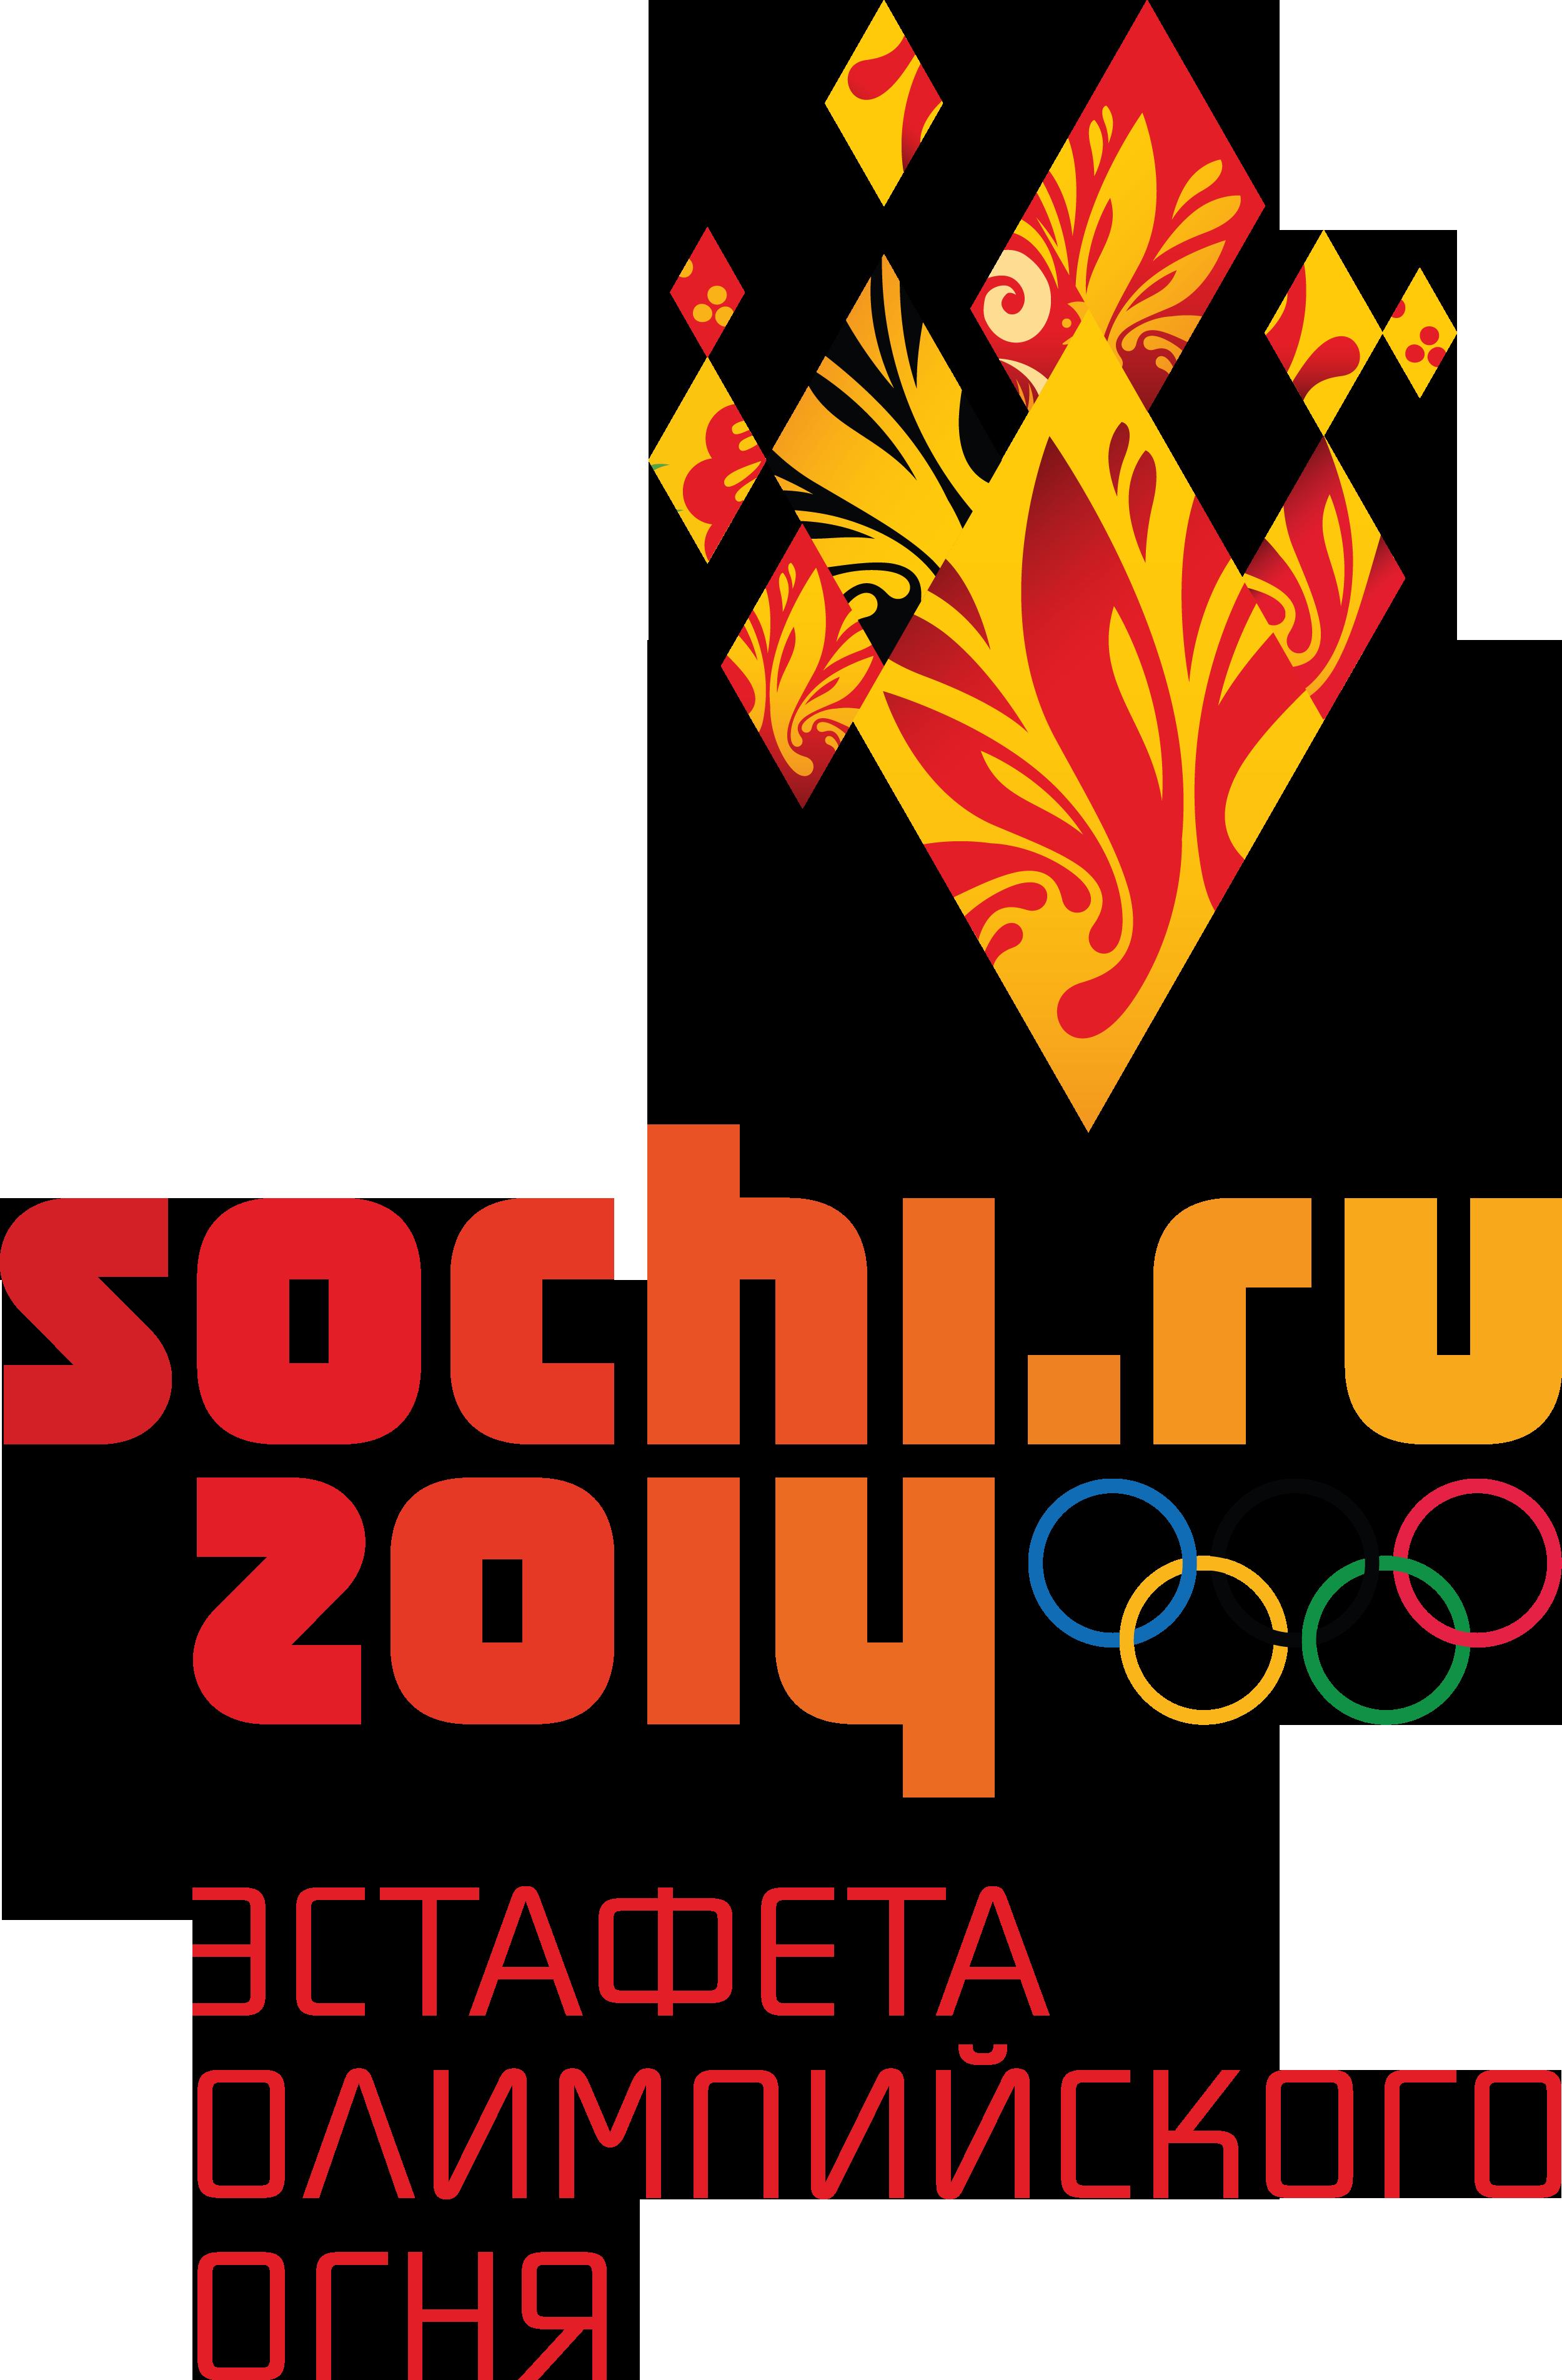 Эмблема эстафеты олимпийского огня Сочи 2014